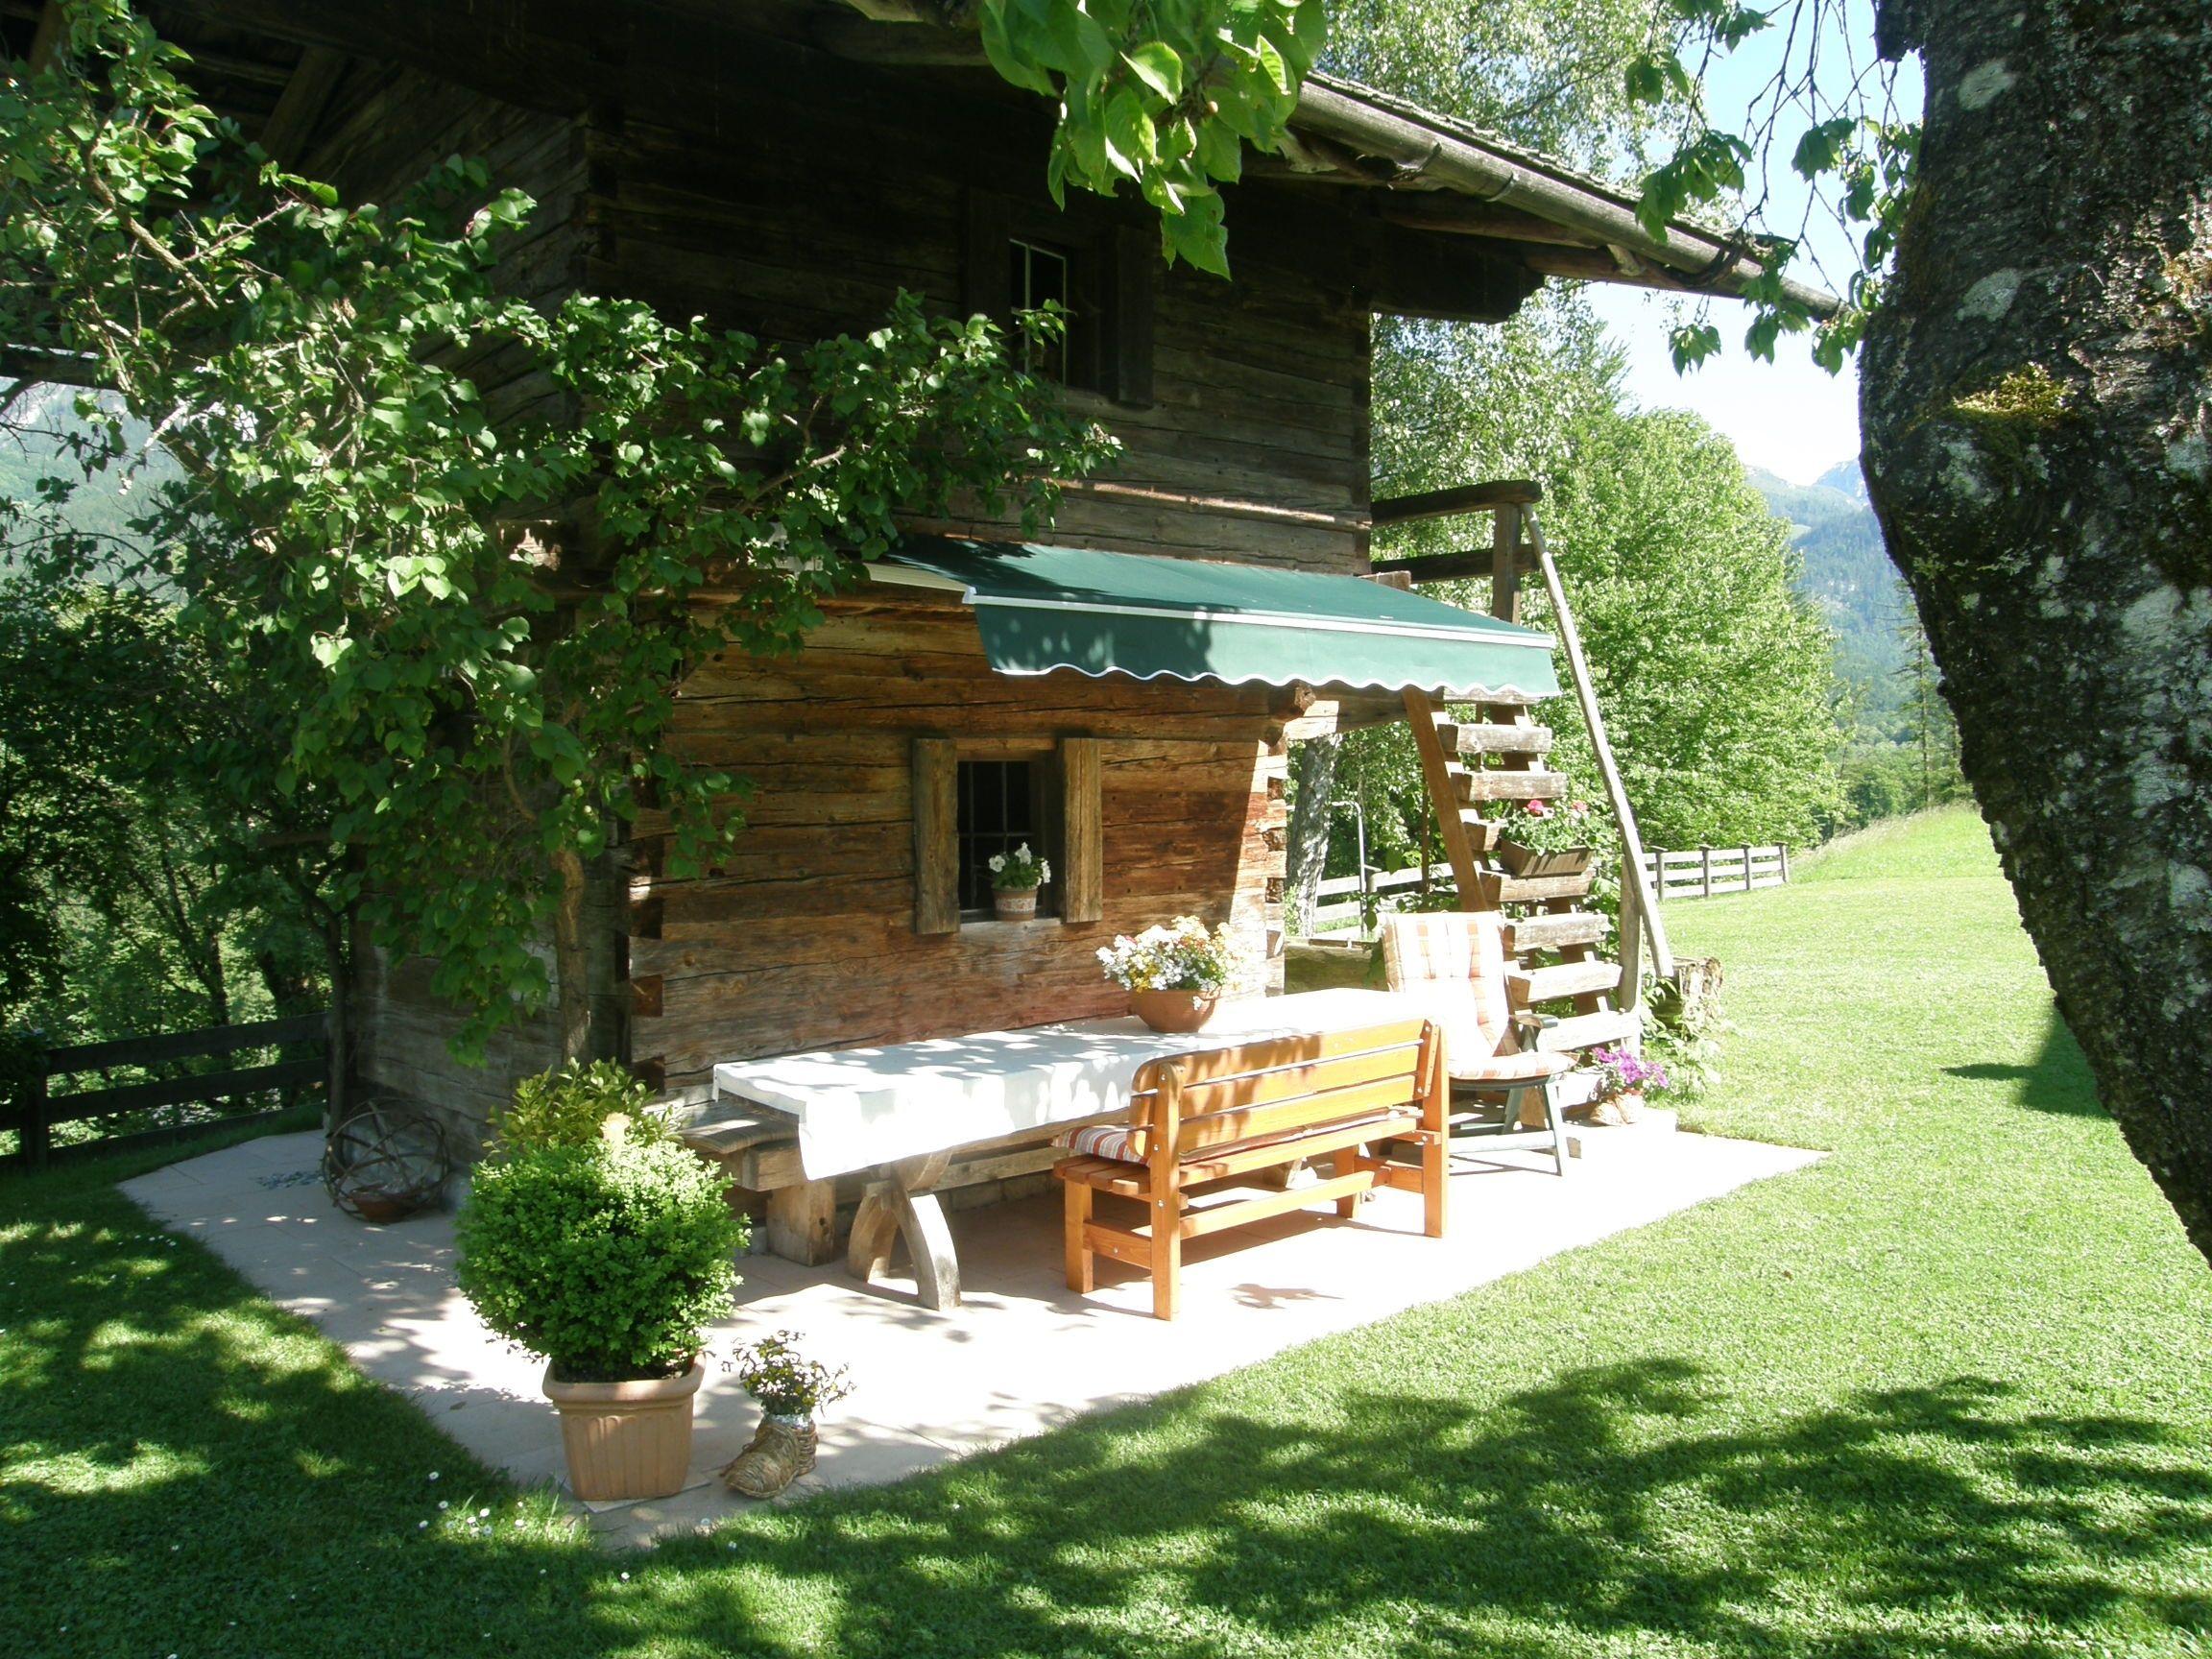 Ferienunterkunft auf 62 m² mit Balkon